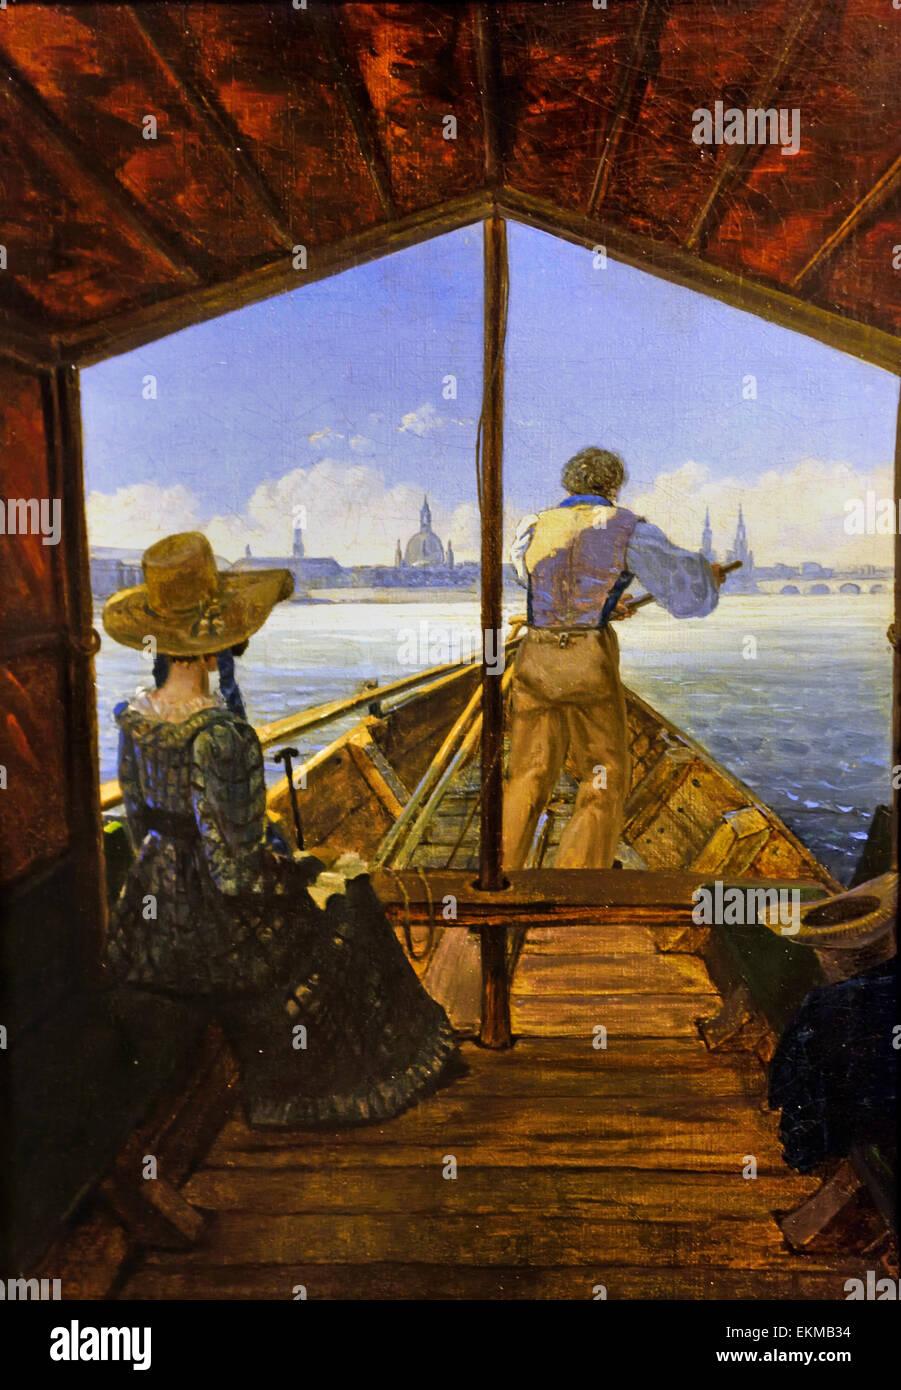 Viaje en barcazas sobre el río Elba cerca de Dresde (Mañana en el Elba 1827 Carl Gustav Carus (1789 - Imagen De Stock